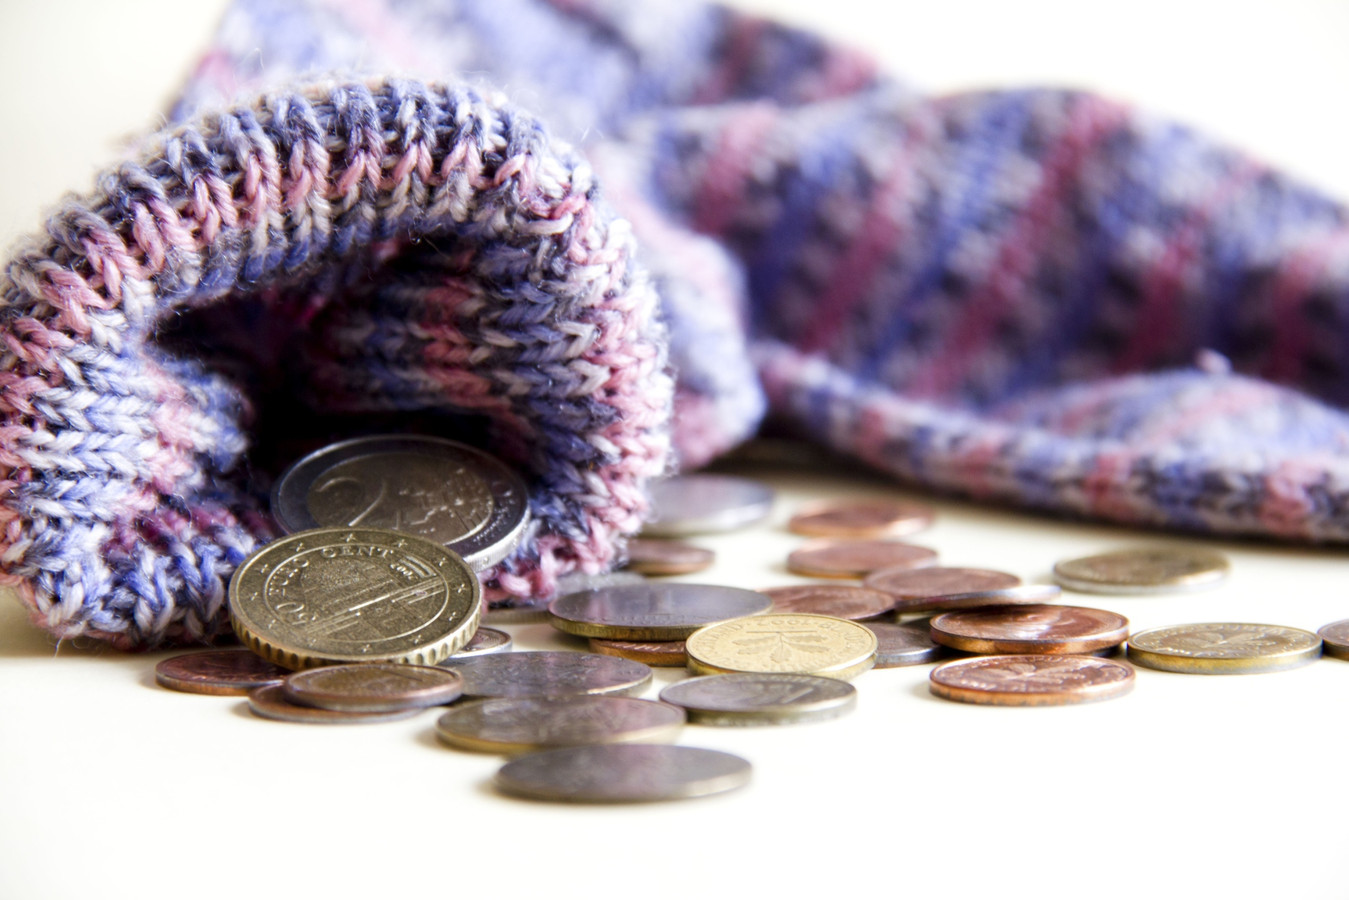 Ouders met weinig geld kunnen hun kinderen vaak niet bieden wat ze graag zouden willen.